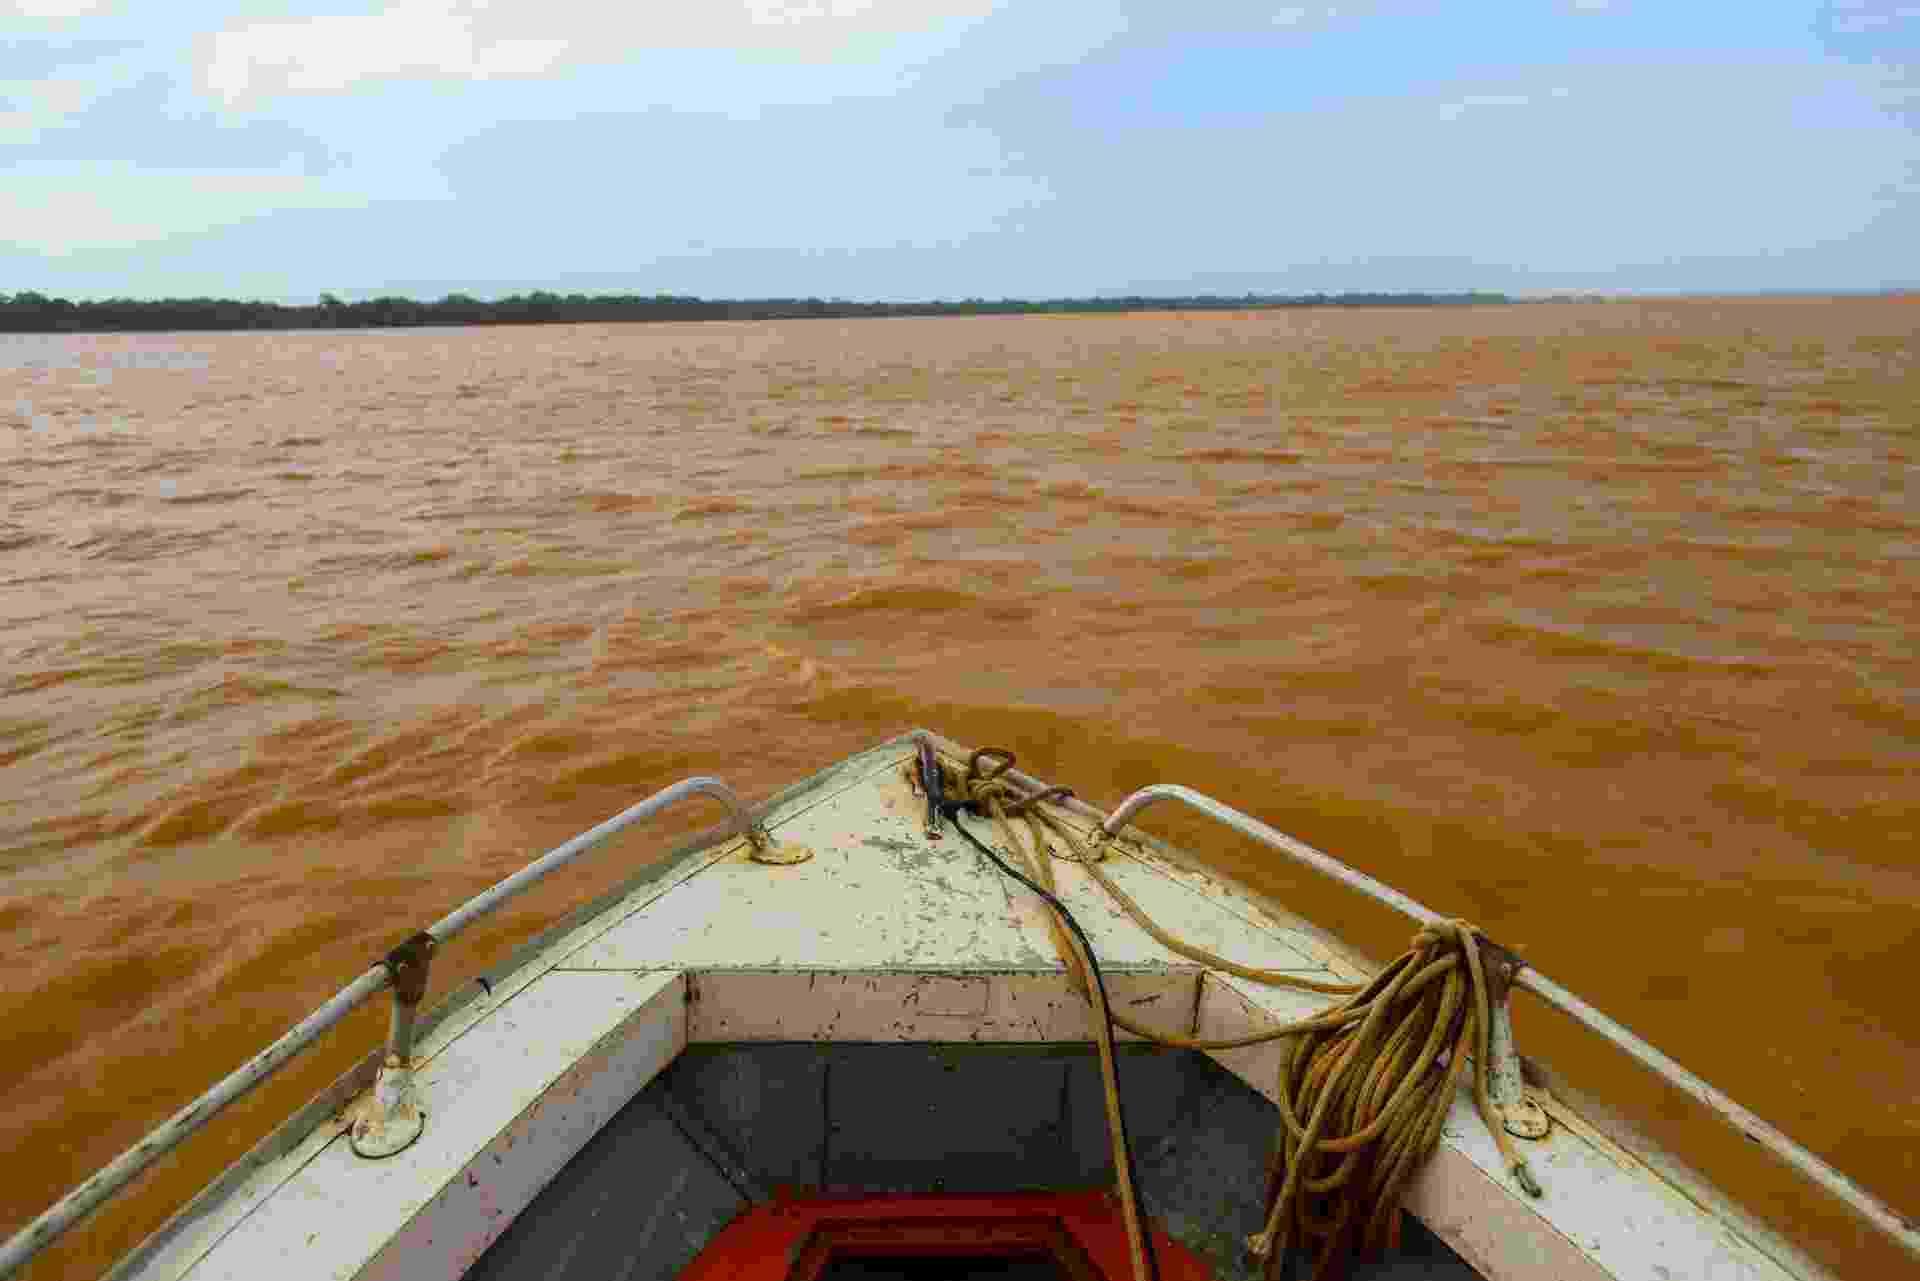 21.nov.2015 - A lama liberada com o rompimento de barragens em Mariana (MG), no dia 5, chegou ao mar do Espírito Santo na tarde deste sábado (21) - Gabriel Lordello/Mosaico Imagem/UOL